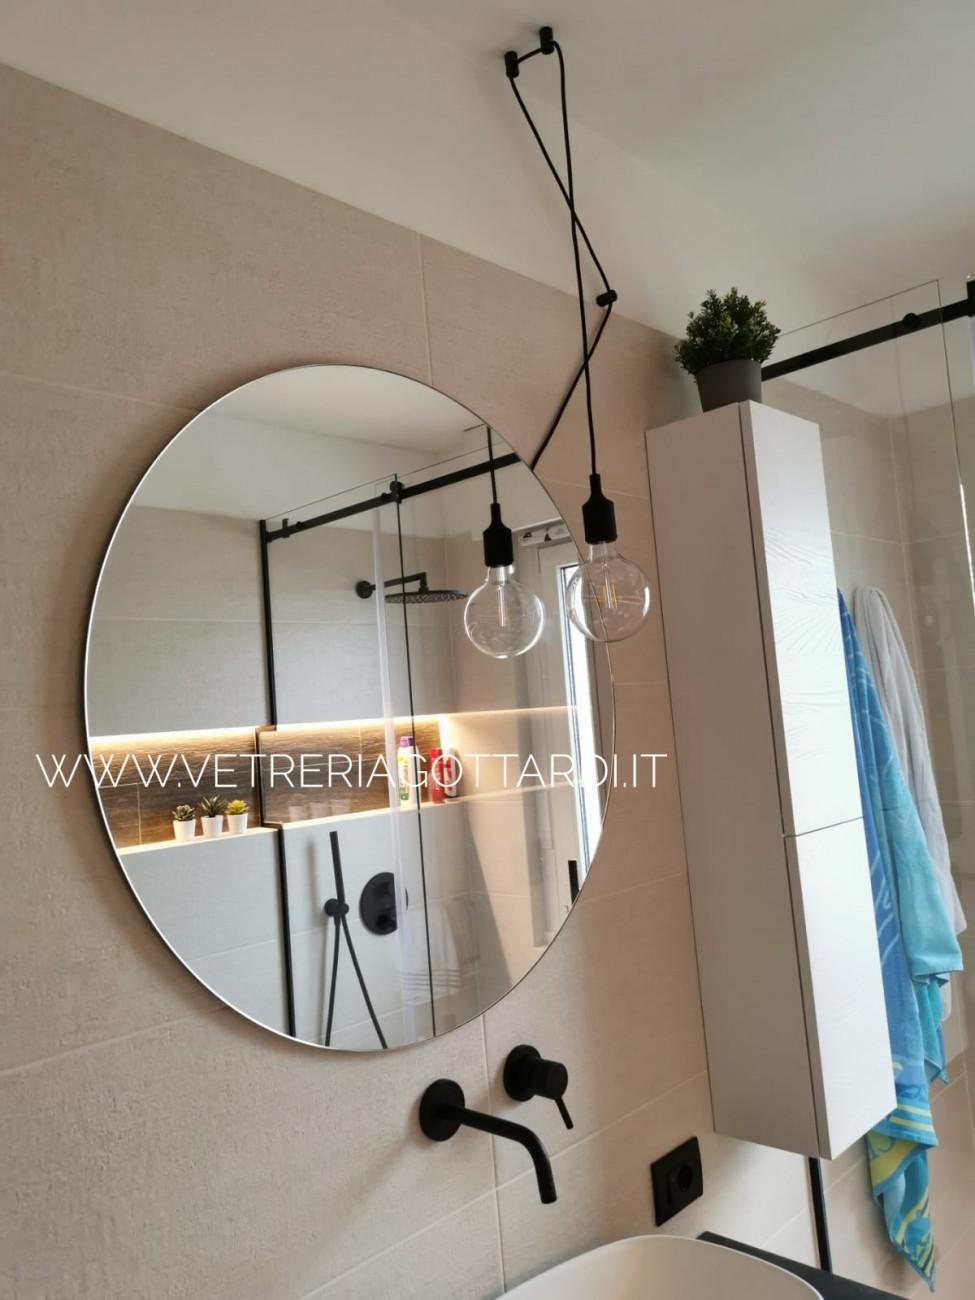 vetreria gottardi, specchio, specchio tondo, specchio rotondo, led, sabbiatura, specchio con led, bagno, design, top bagno, vetro